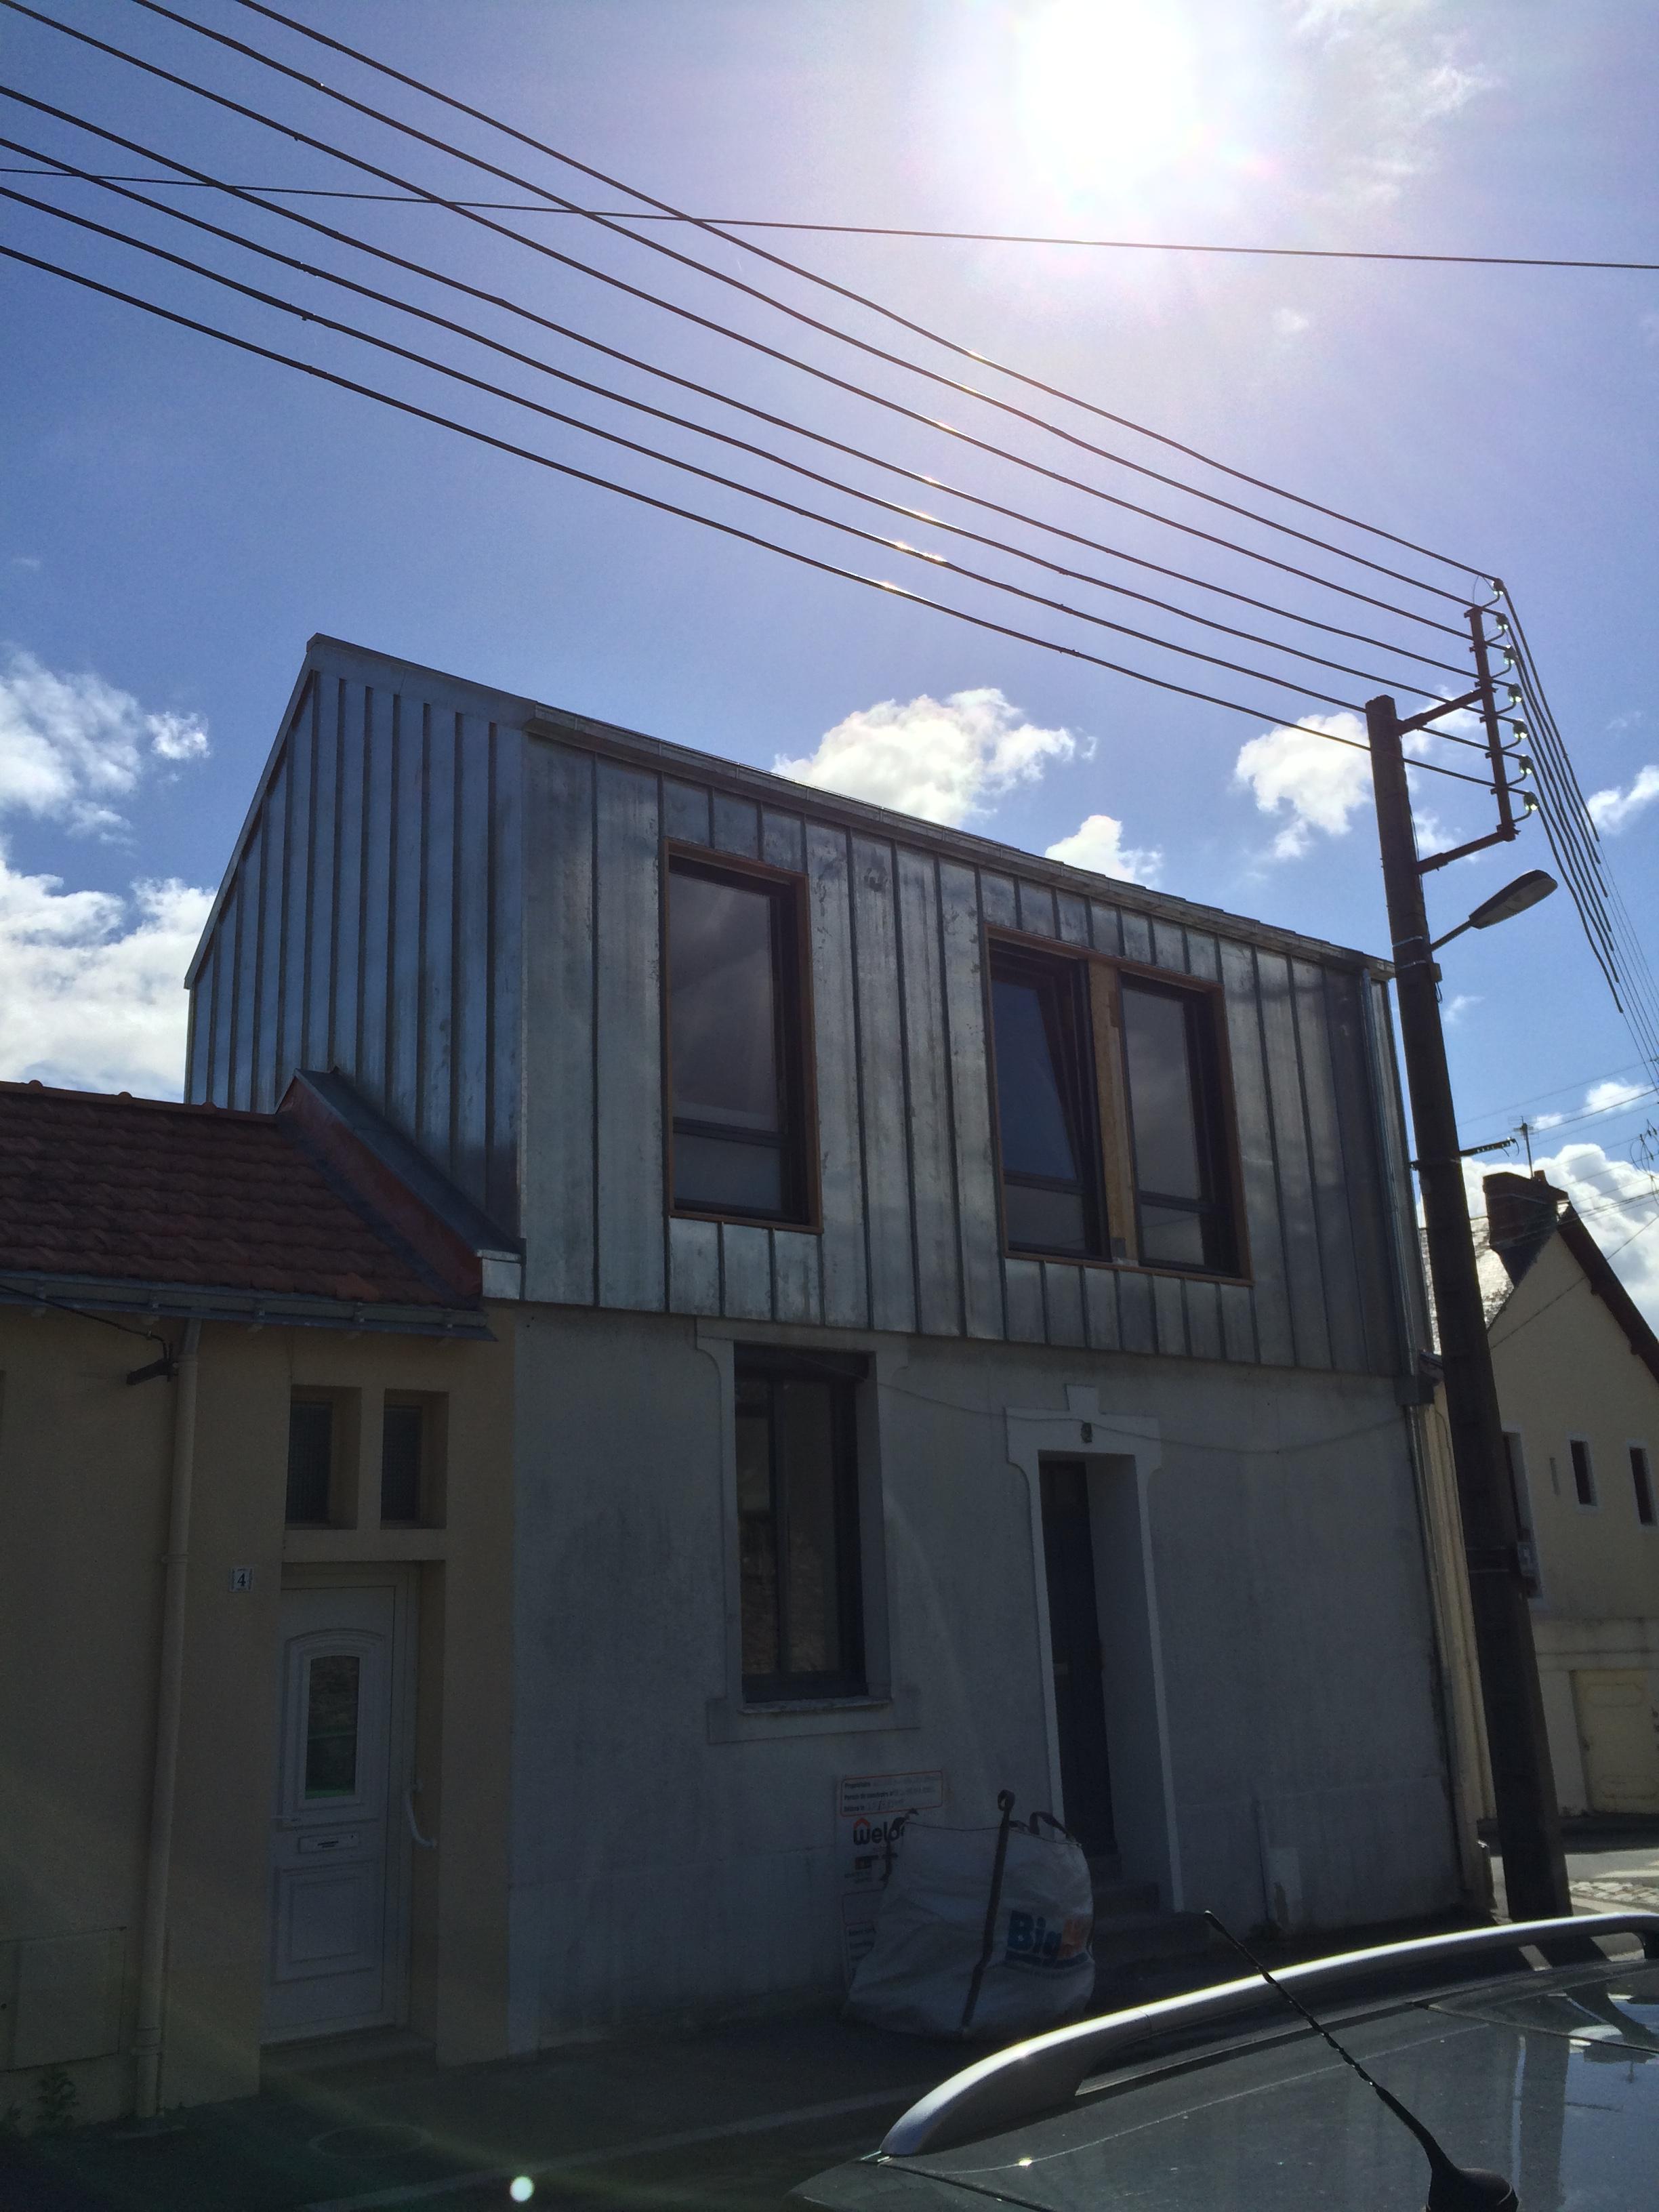 sur-vandenbroucke-boisseau-nantes-2015-05-20-10-51-43